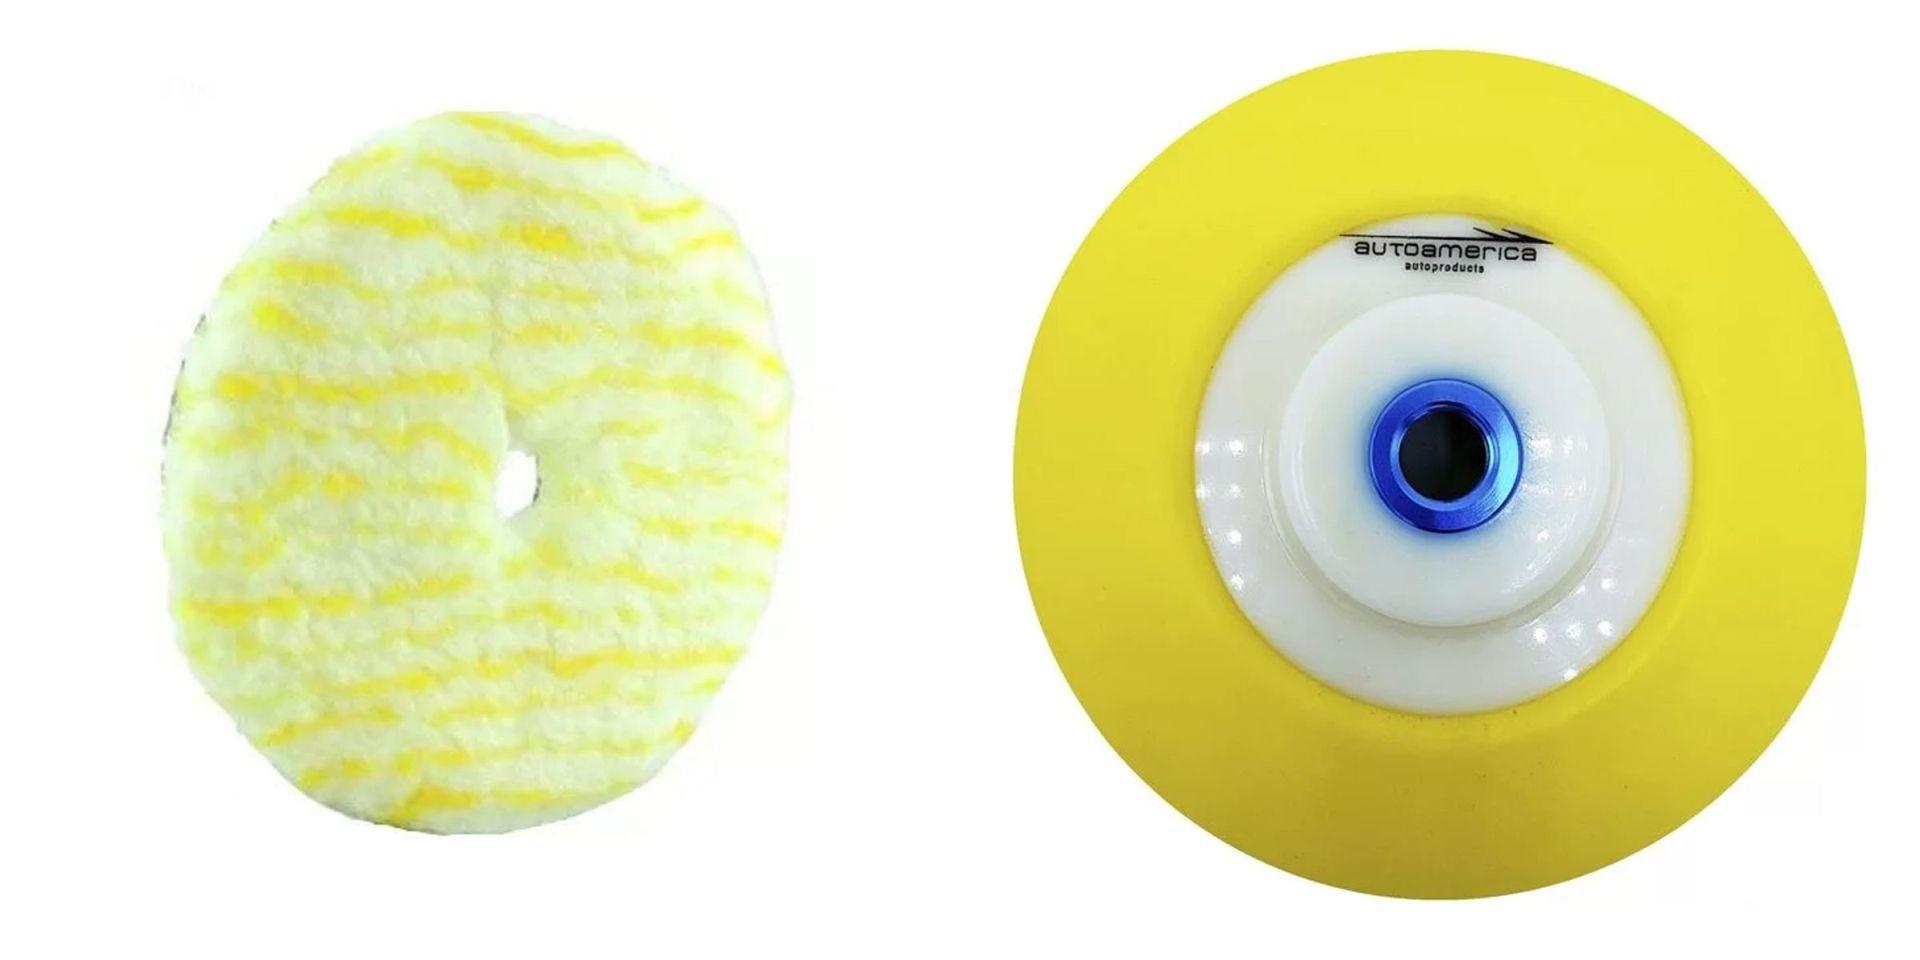 Kit Suporte com Velcro 6 pol + Boina De Lã 6 pol